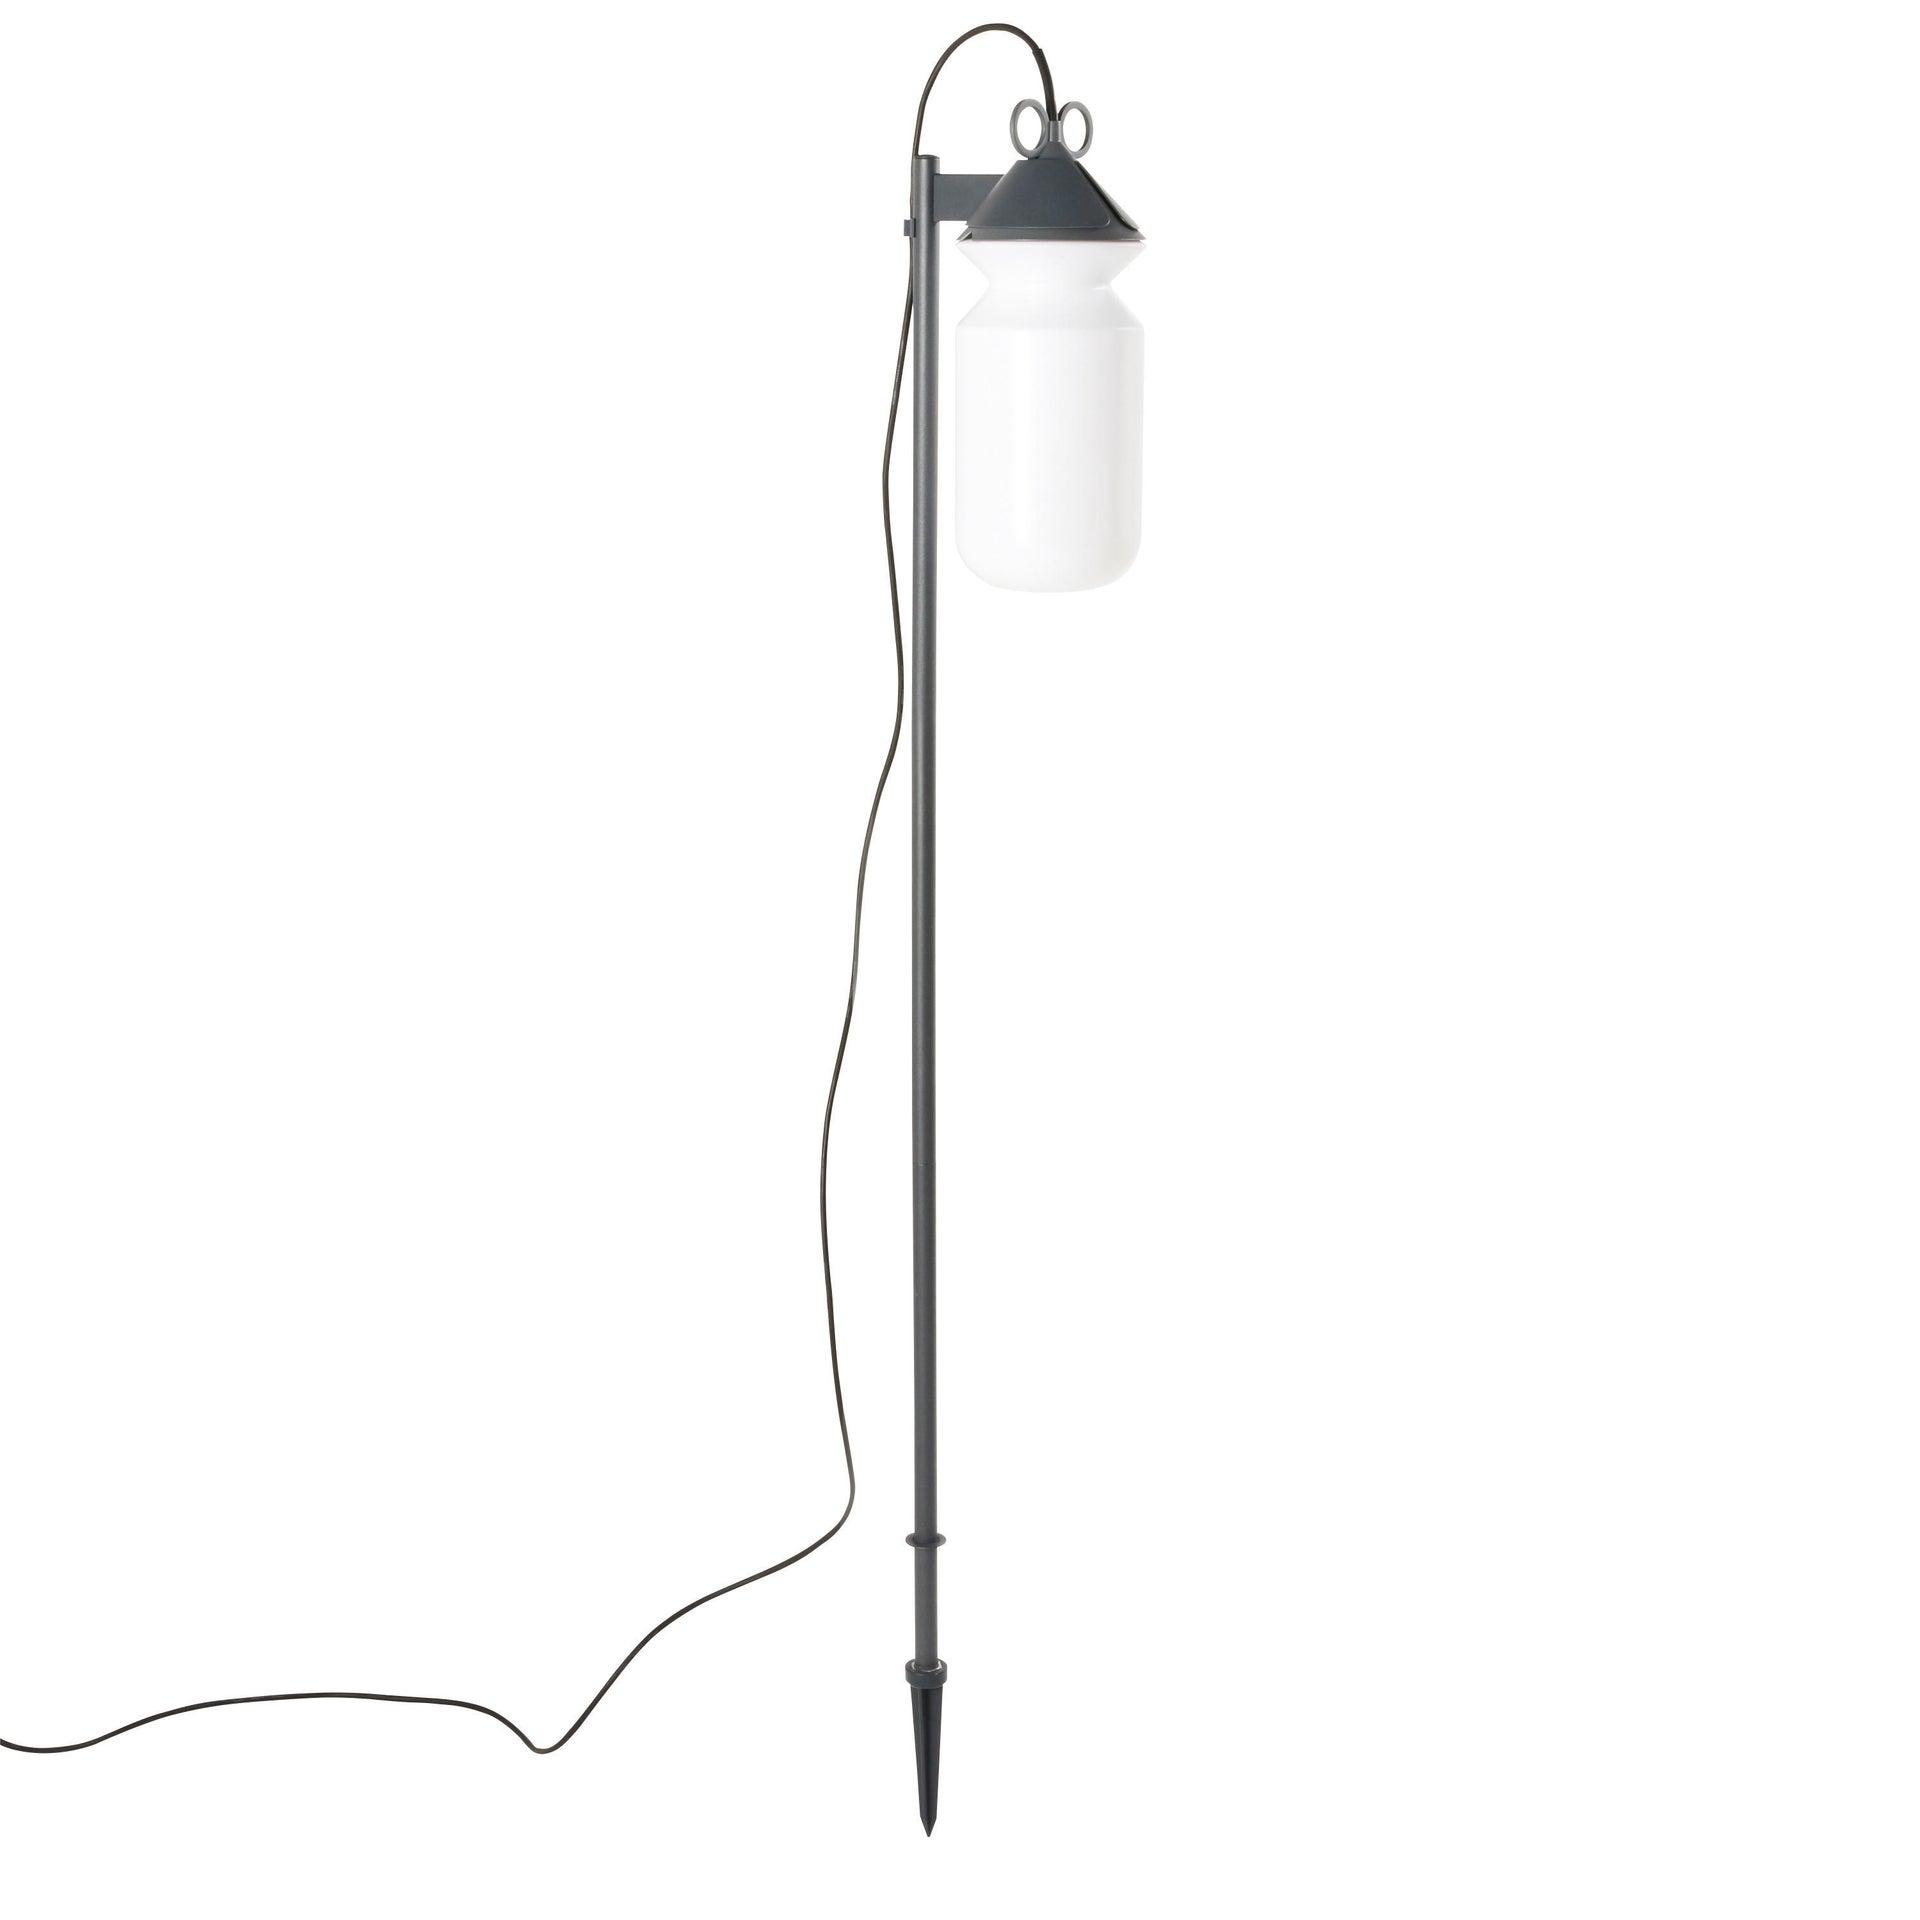 Lampada da esterno H 155 cm, in alluminio, E27 IP44 INSPIRE - 7